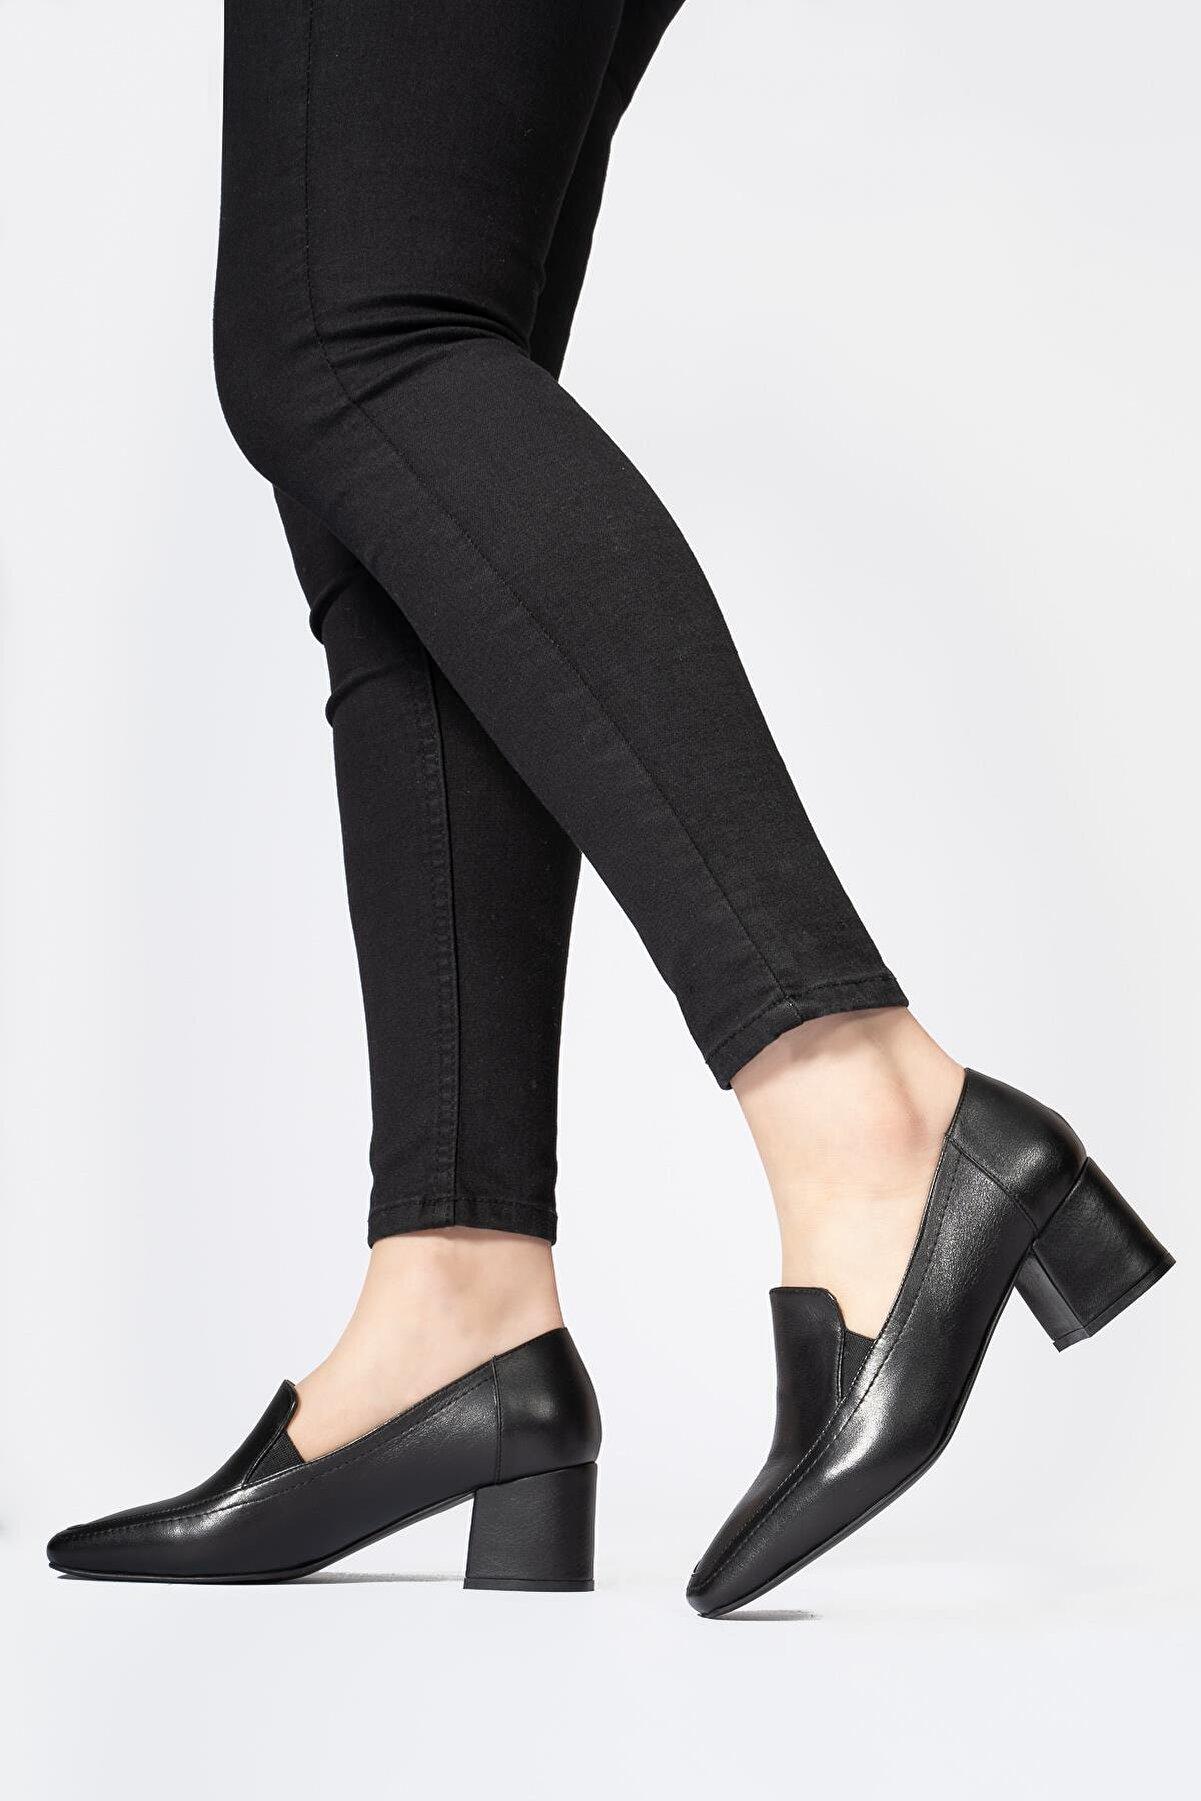 CZ London Hakiki Deri Kadın Günlük Ayakkabı Küt Burun Klasik Düz Makosen